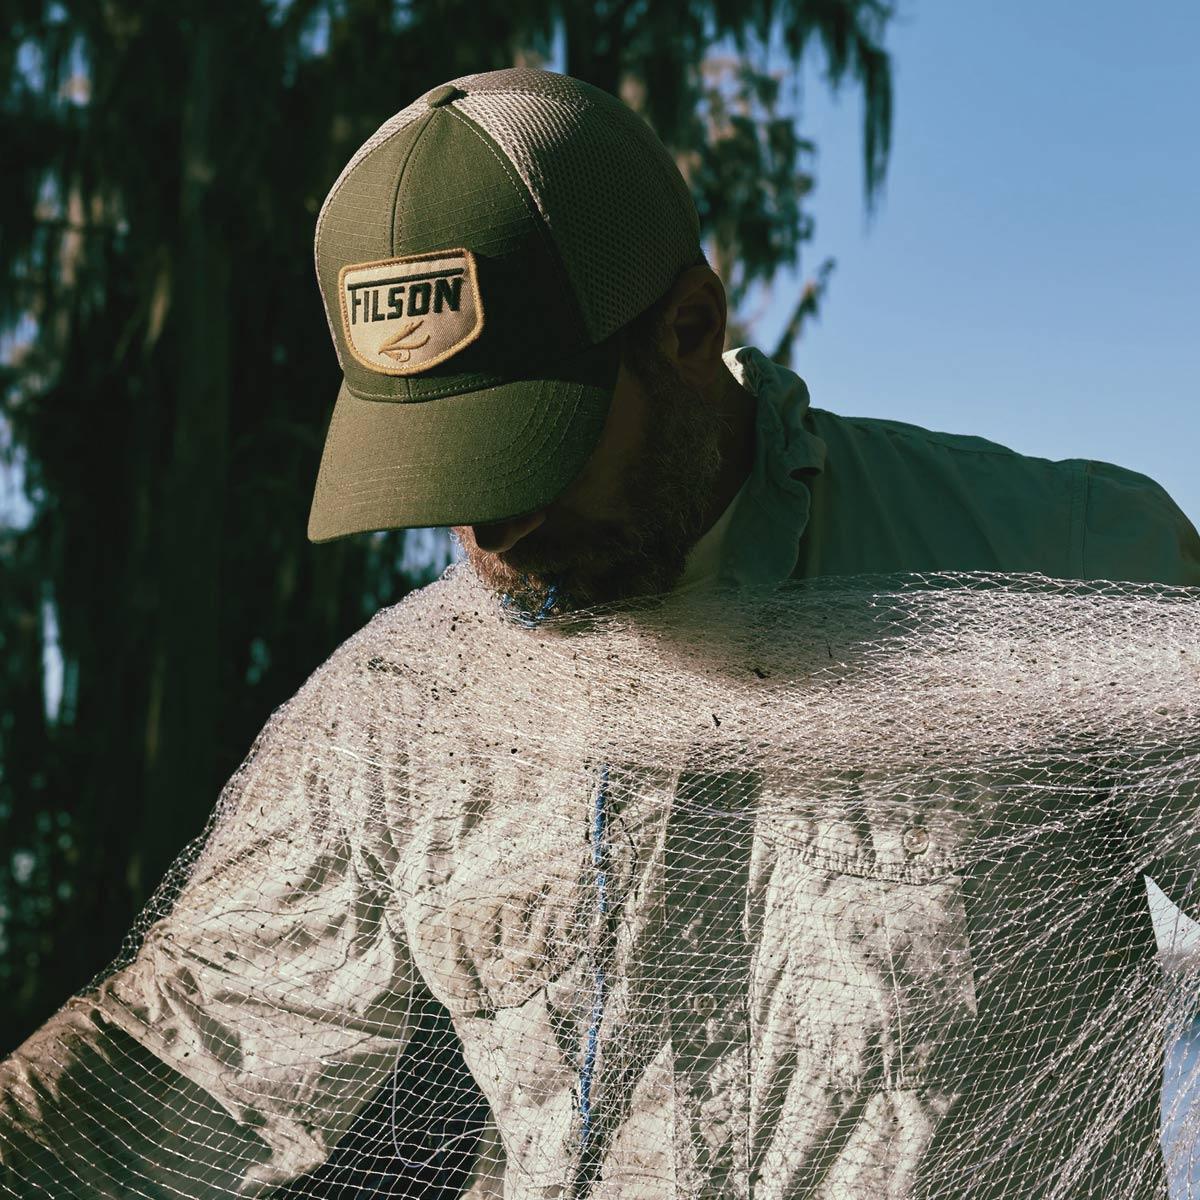 Filson Mesh Logger Cap 20157134-Olive, atmungsaktive Kappe mit Sonnenschutz Komfort, mit Filson gestickten Patch auf der Vorderseite